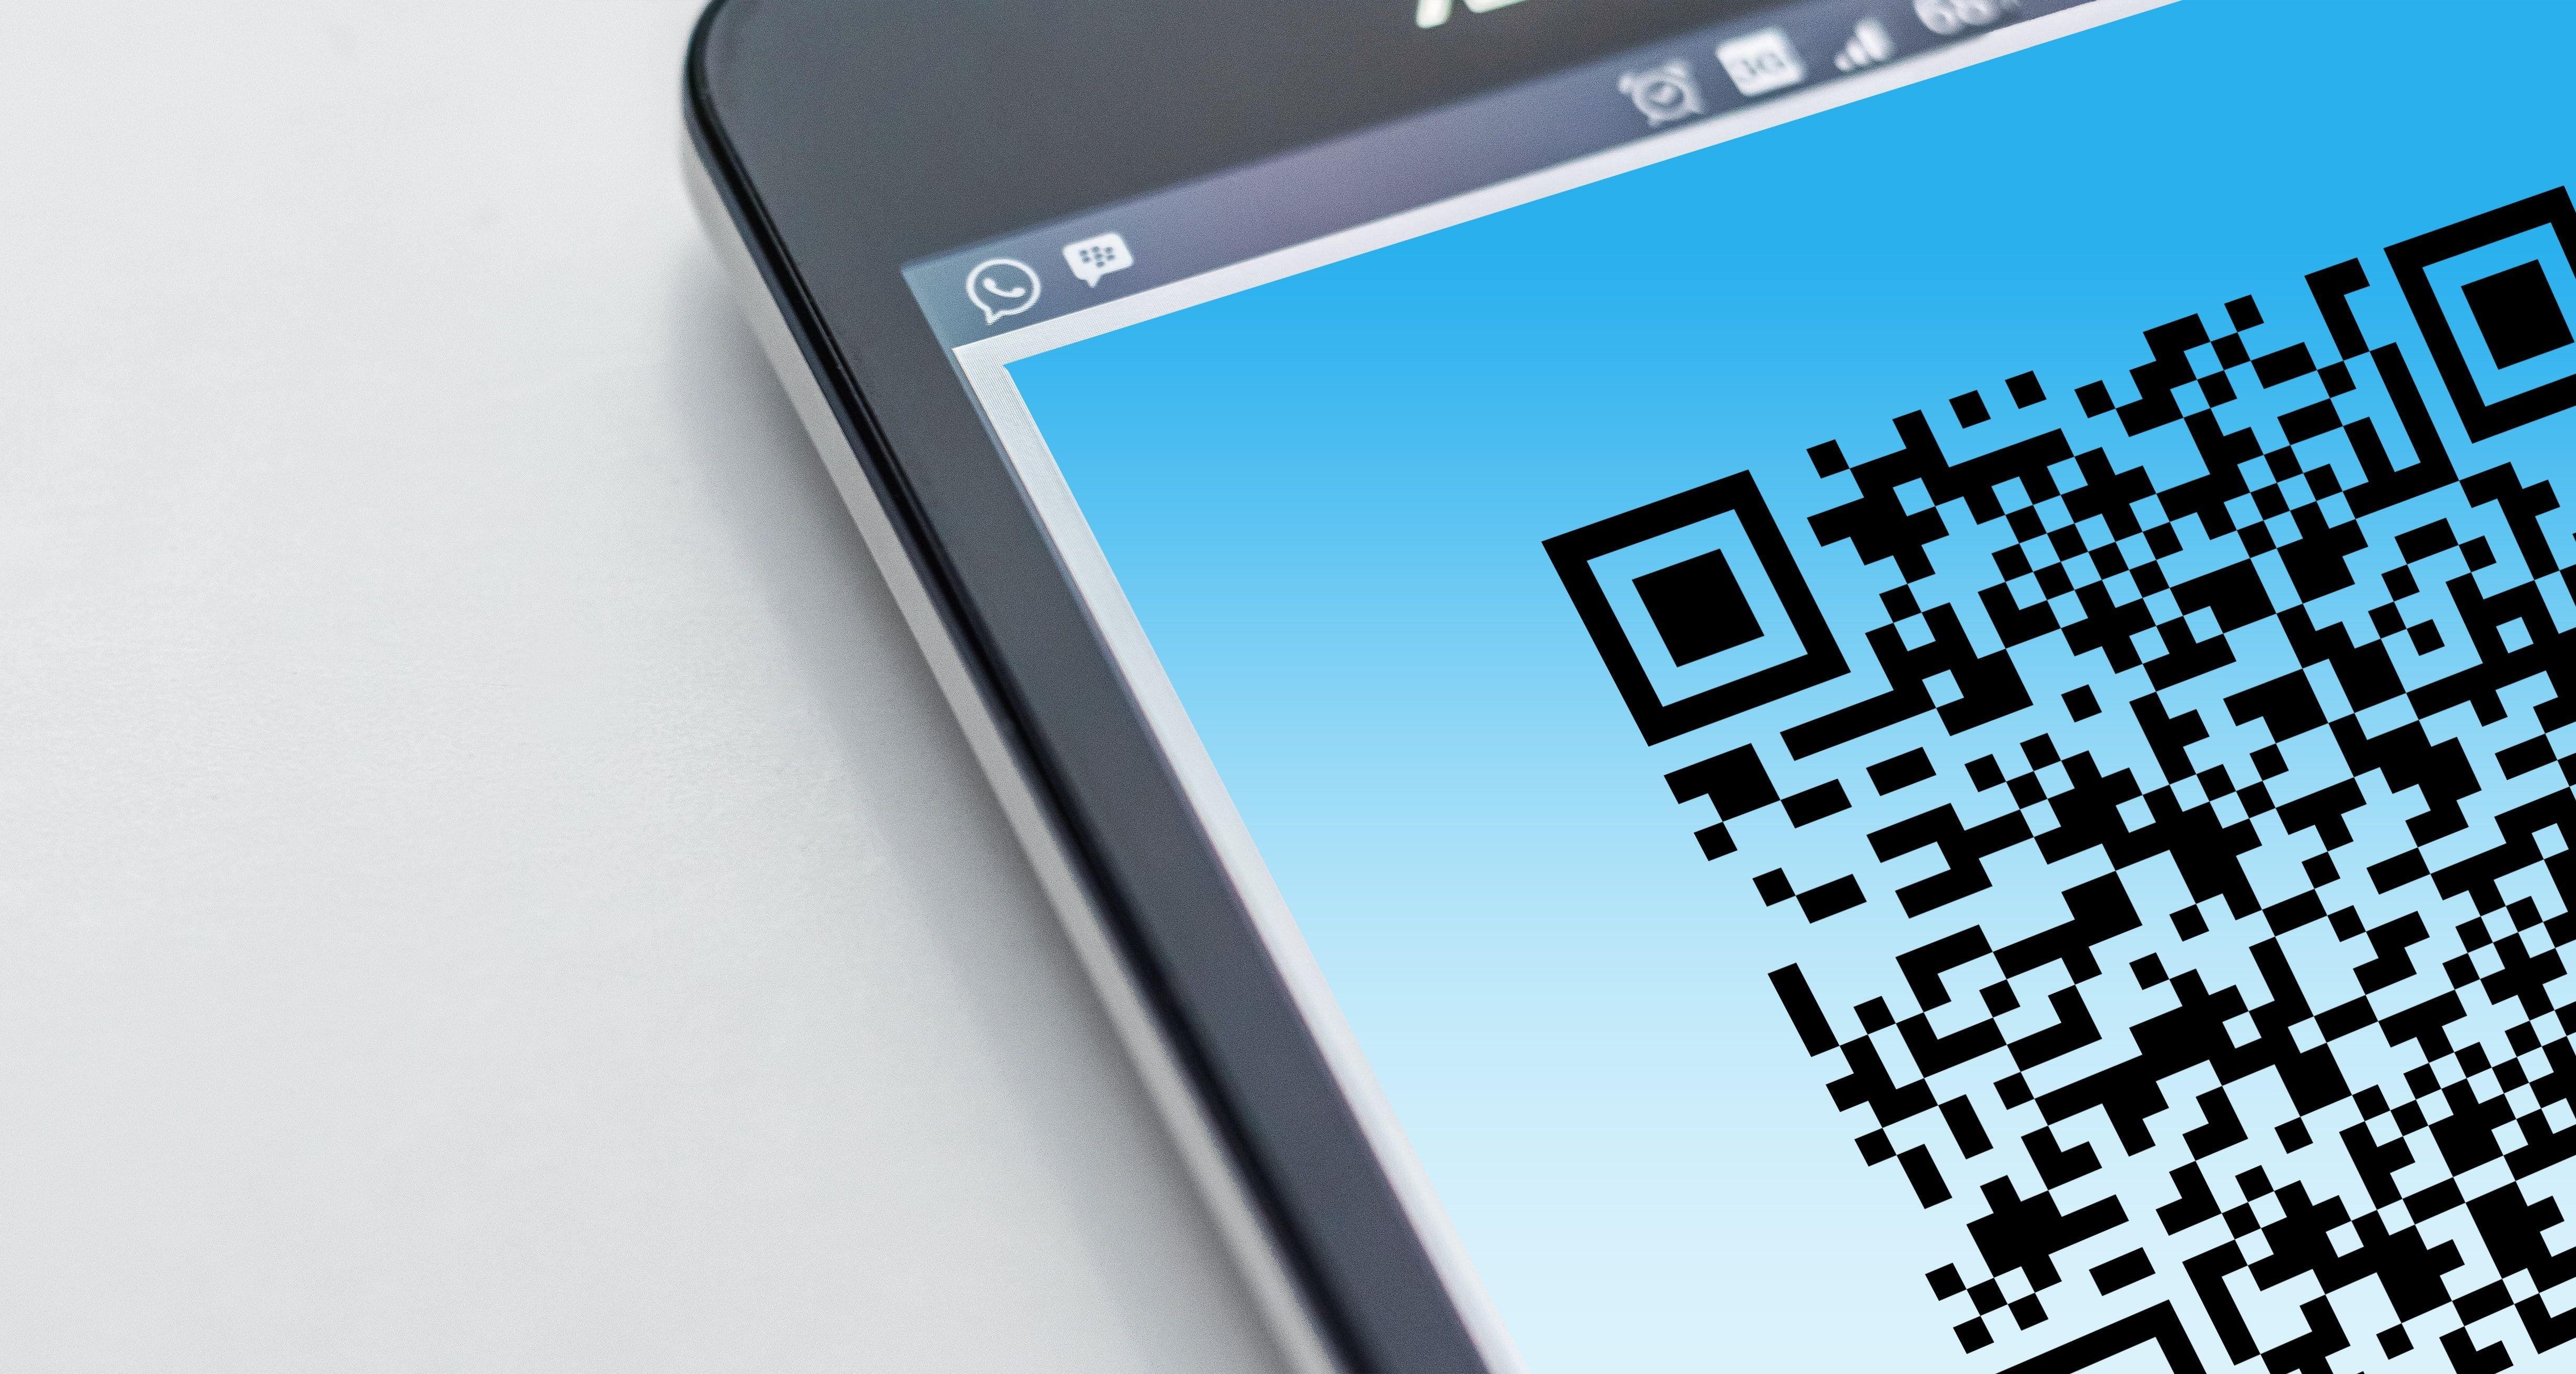 Los códigos QR, son una medida que se ha tomado para evitar el contacto físico entre personas. Sin embargo, algunas personas lo utilizan para poder robar información.